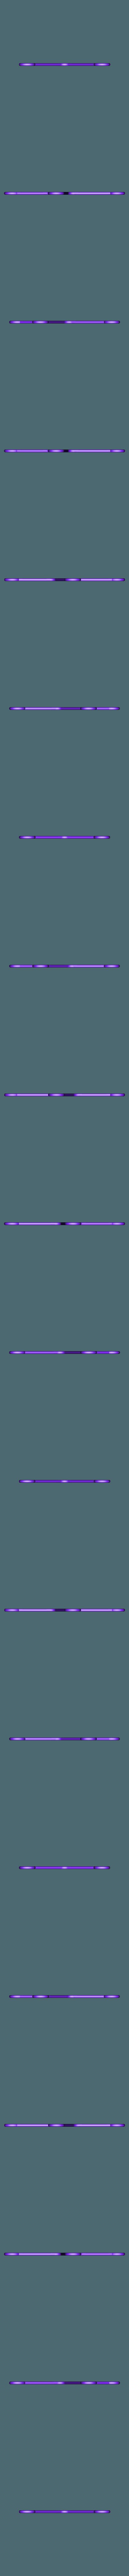 frame_emax.stl Télécharger fichier STL gratuit Cadre tactile • Design pour imprimante 3D, touchthebitum